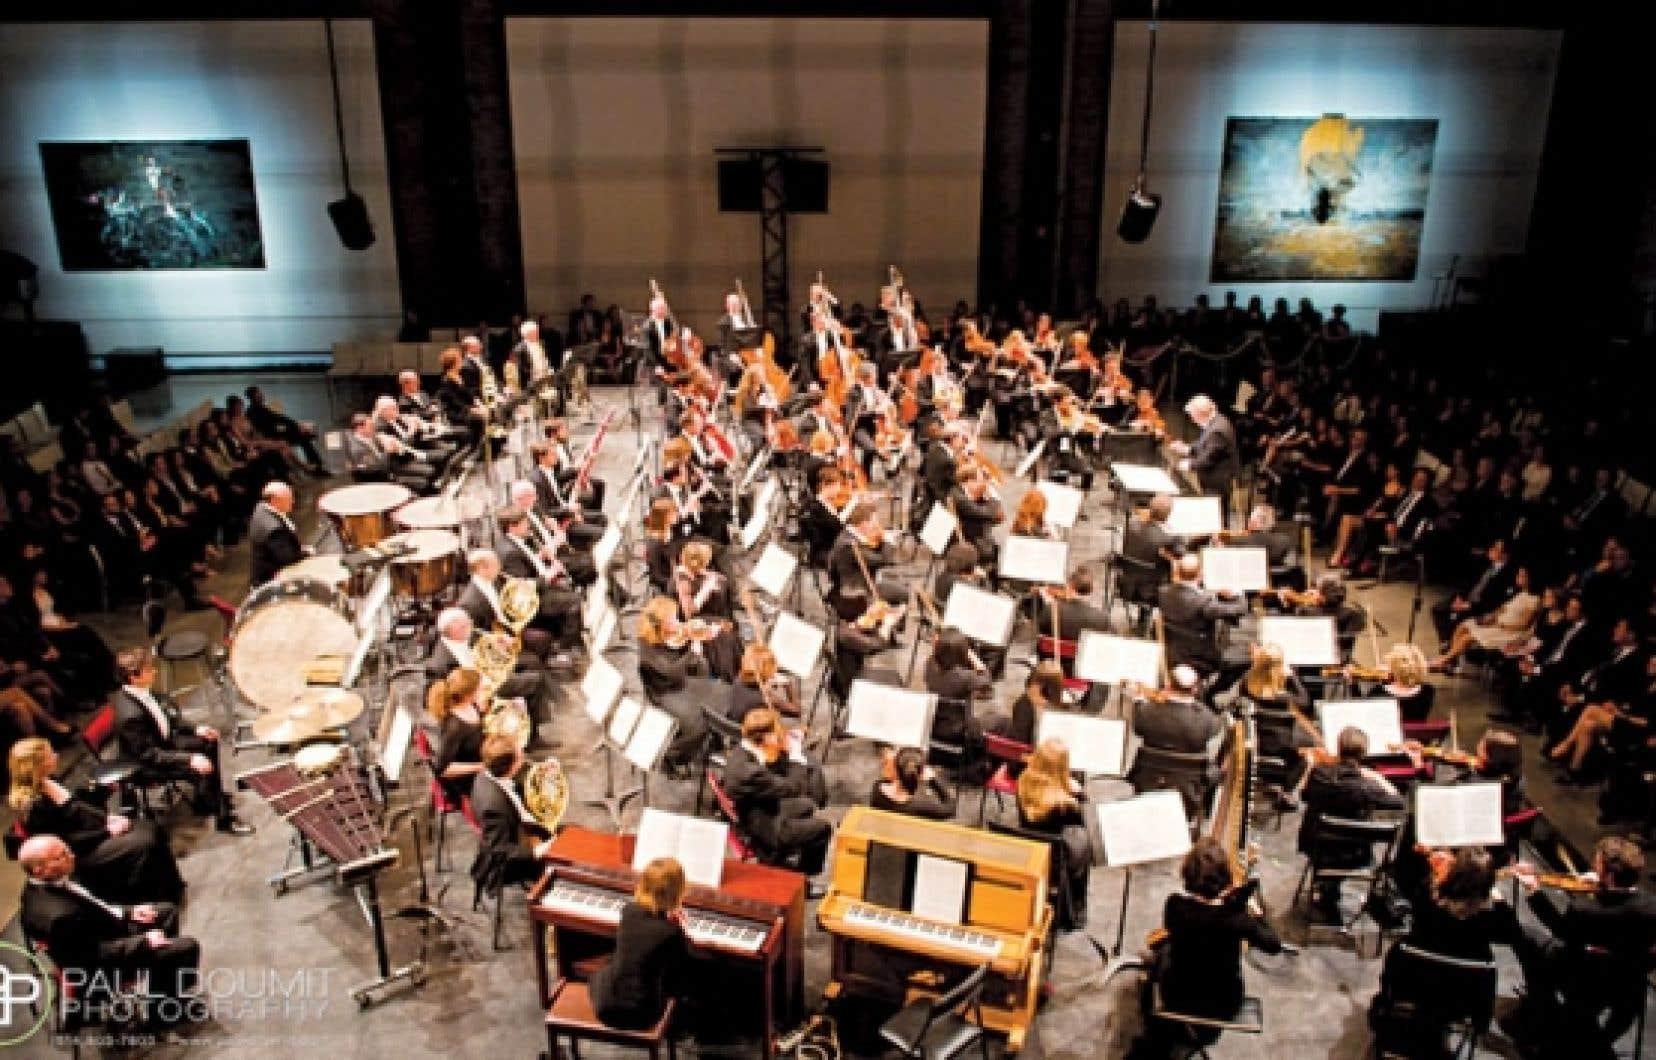 Le Club des jeunes ambassadeurs de l'OSM a rapproché arts visuels et musique classique lors d'une soirée au centre d'art l'Arsenal, en mars dernier.